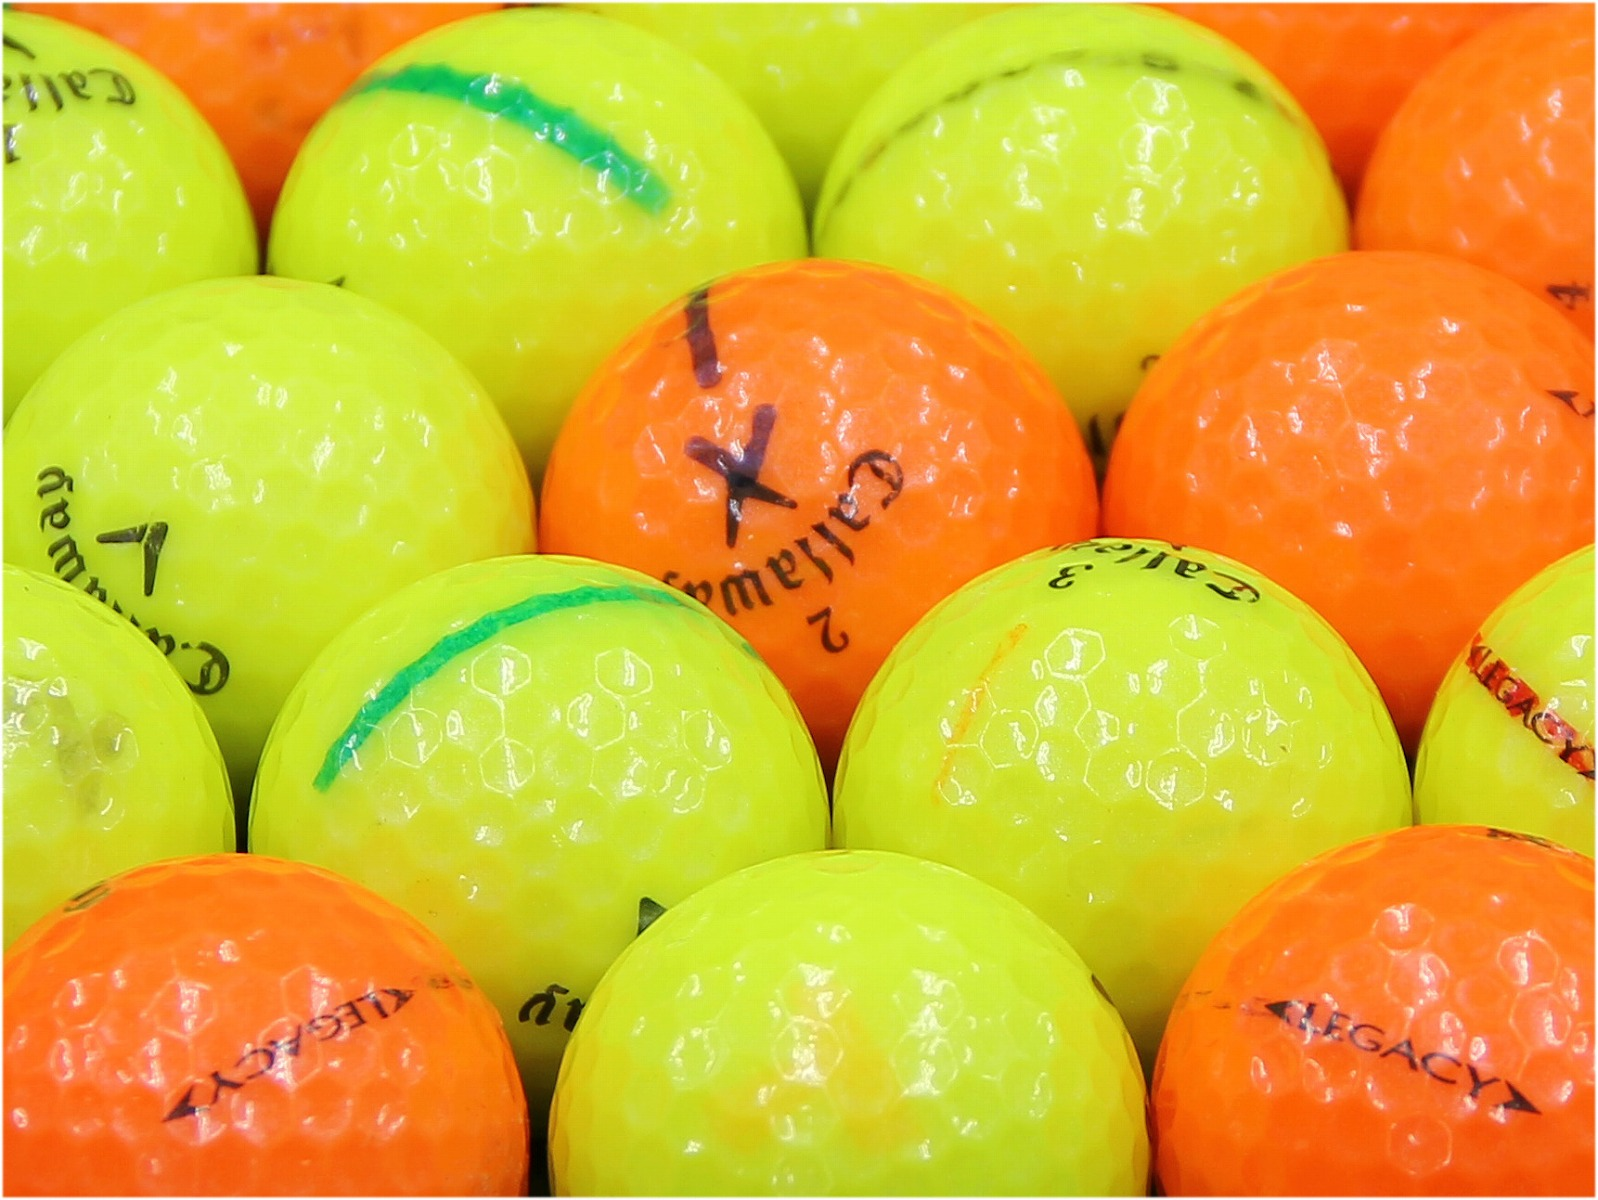 【ABランク落書き】Callaway(キャロウェイ) LEGACY カラーボール混合 2012年モデル 1個